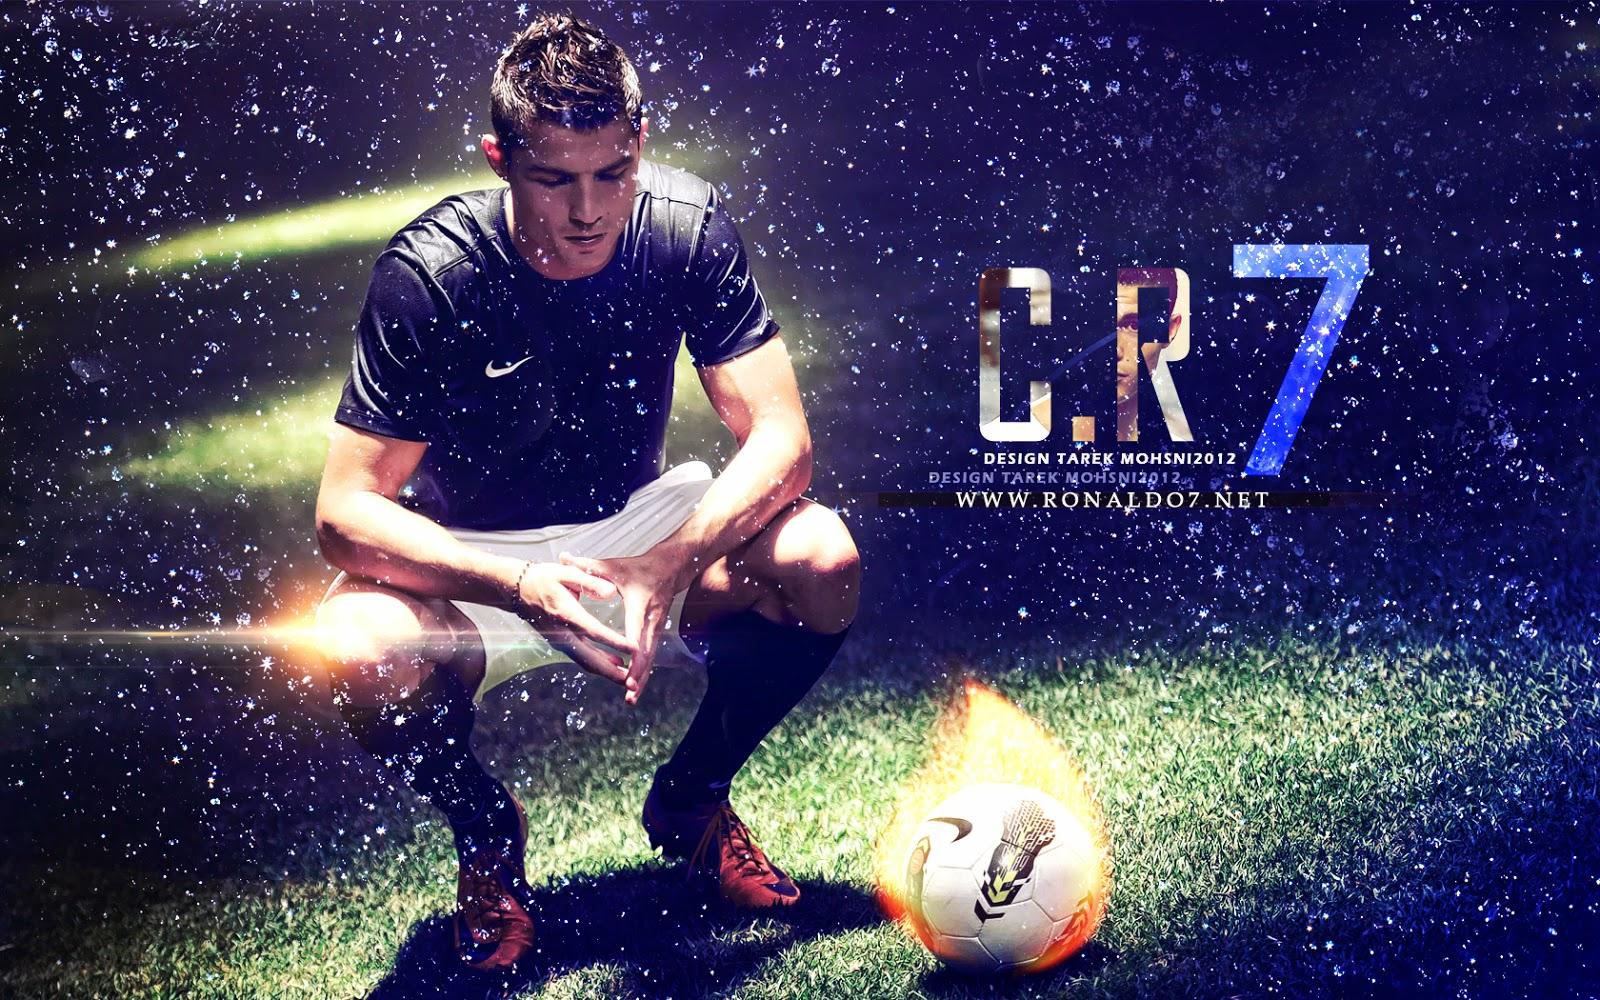 Cristiano Ronaldo Wallpaper HD Wide